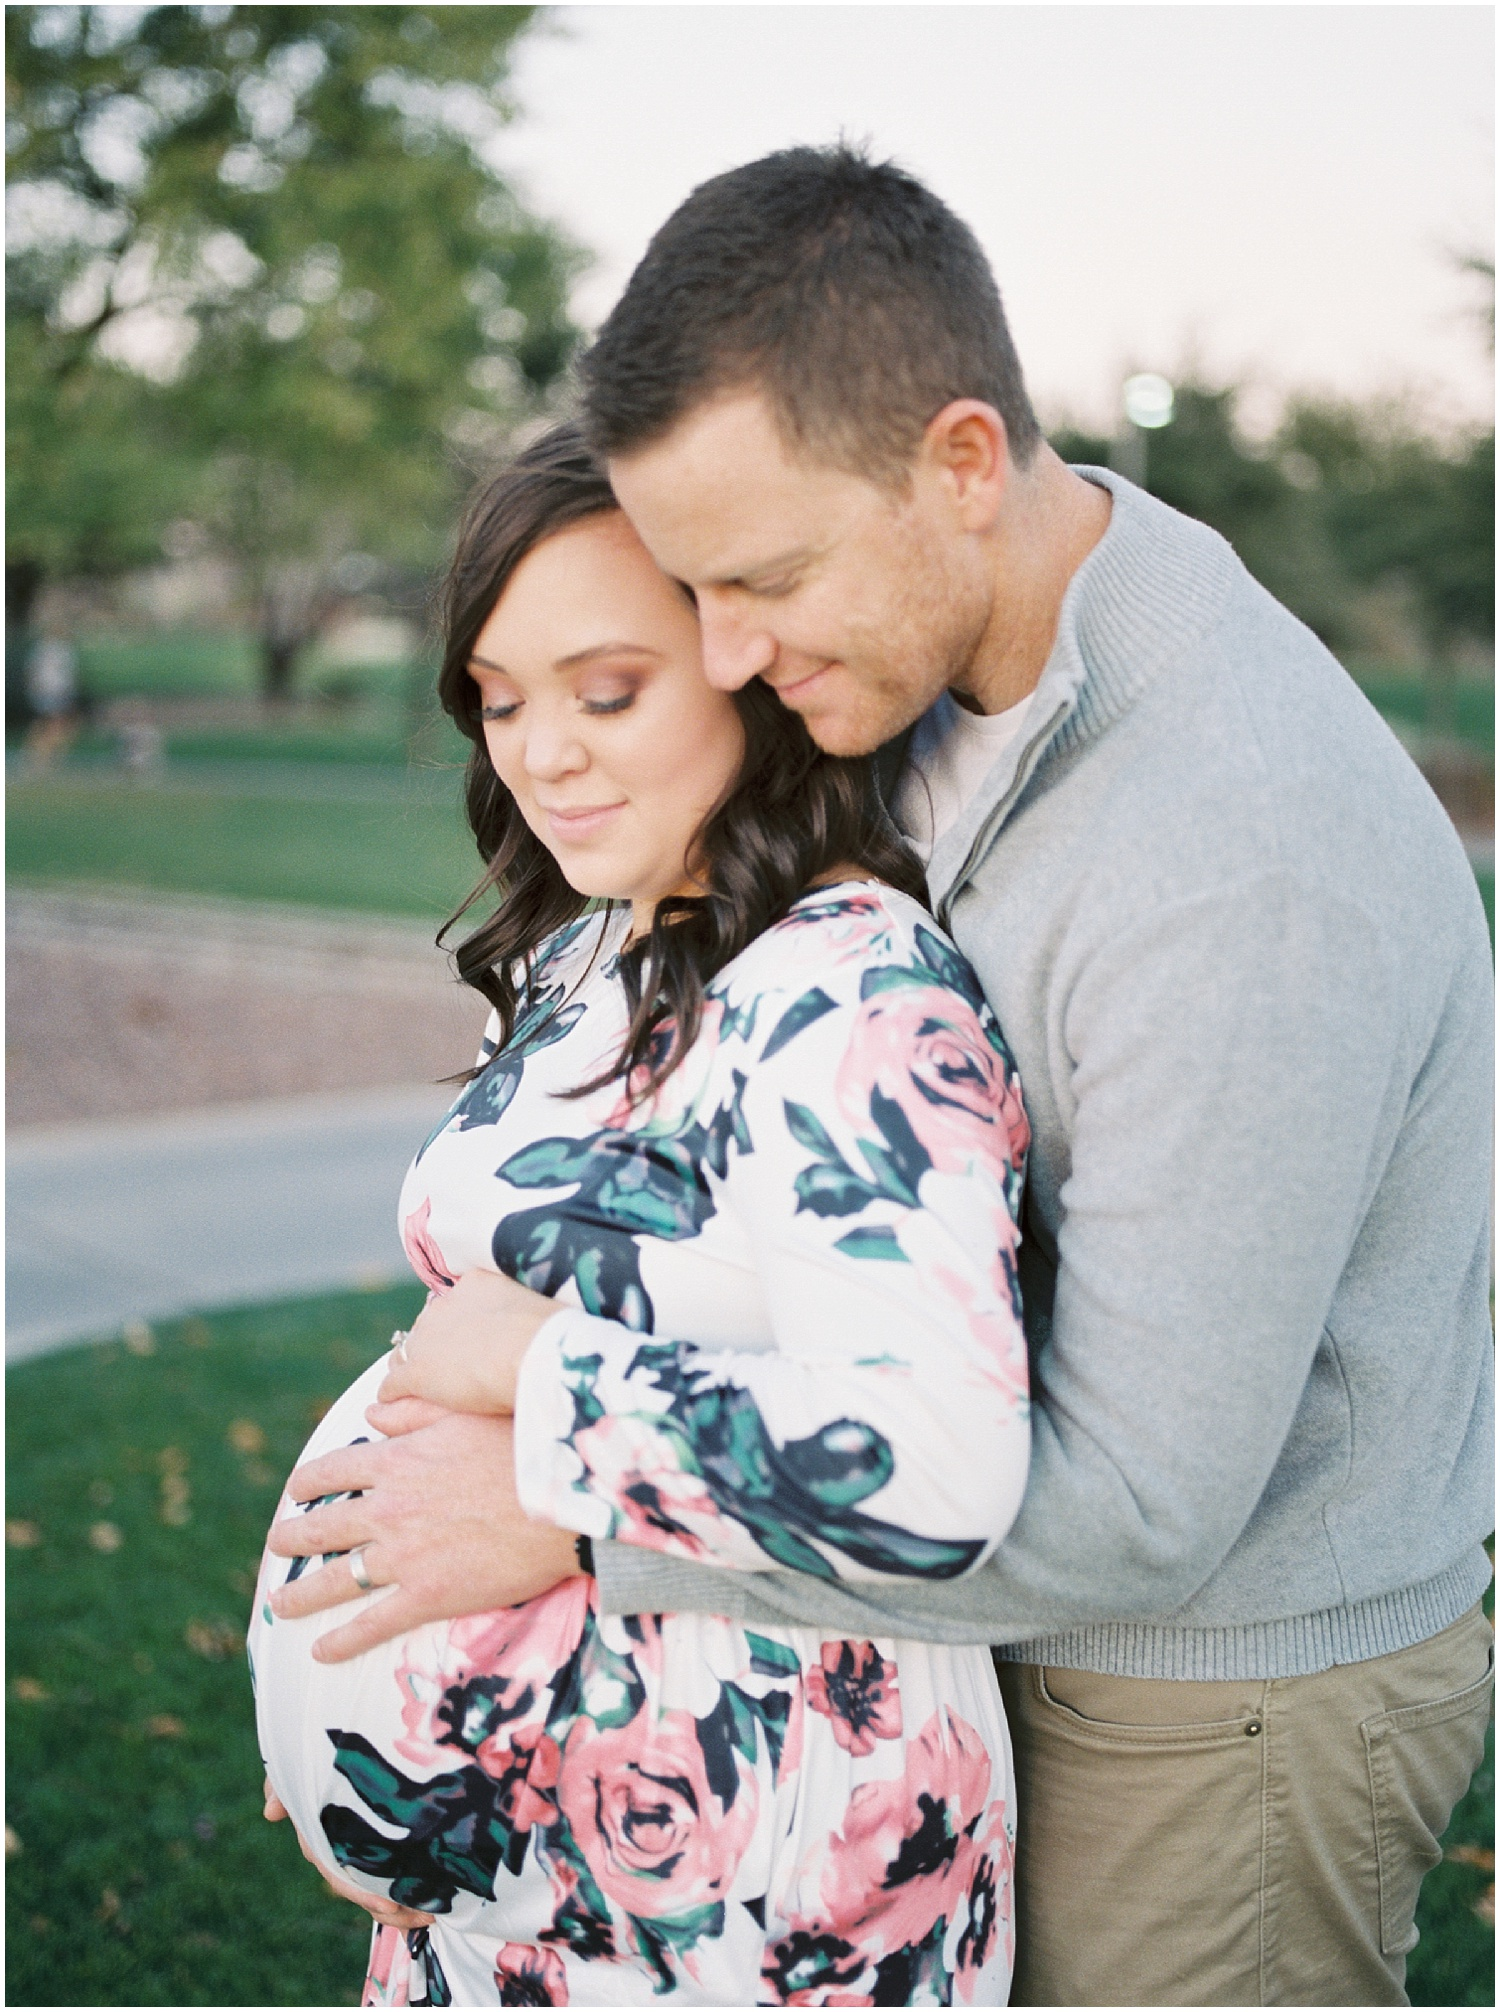 marieljoy-maternity-family-park_0011.jpg